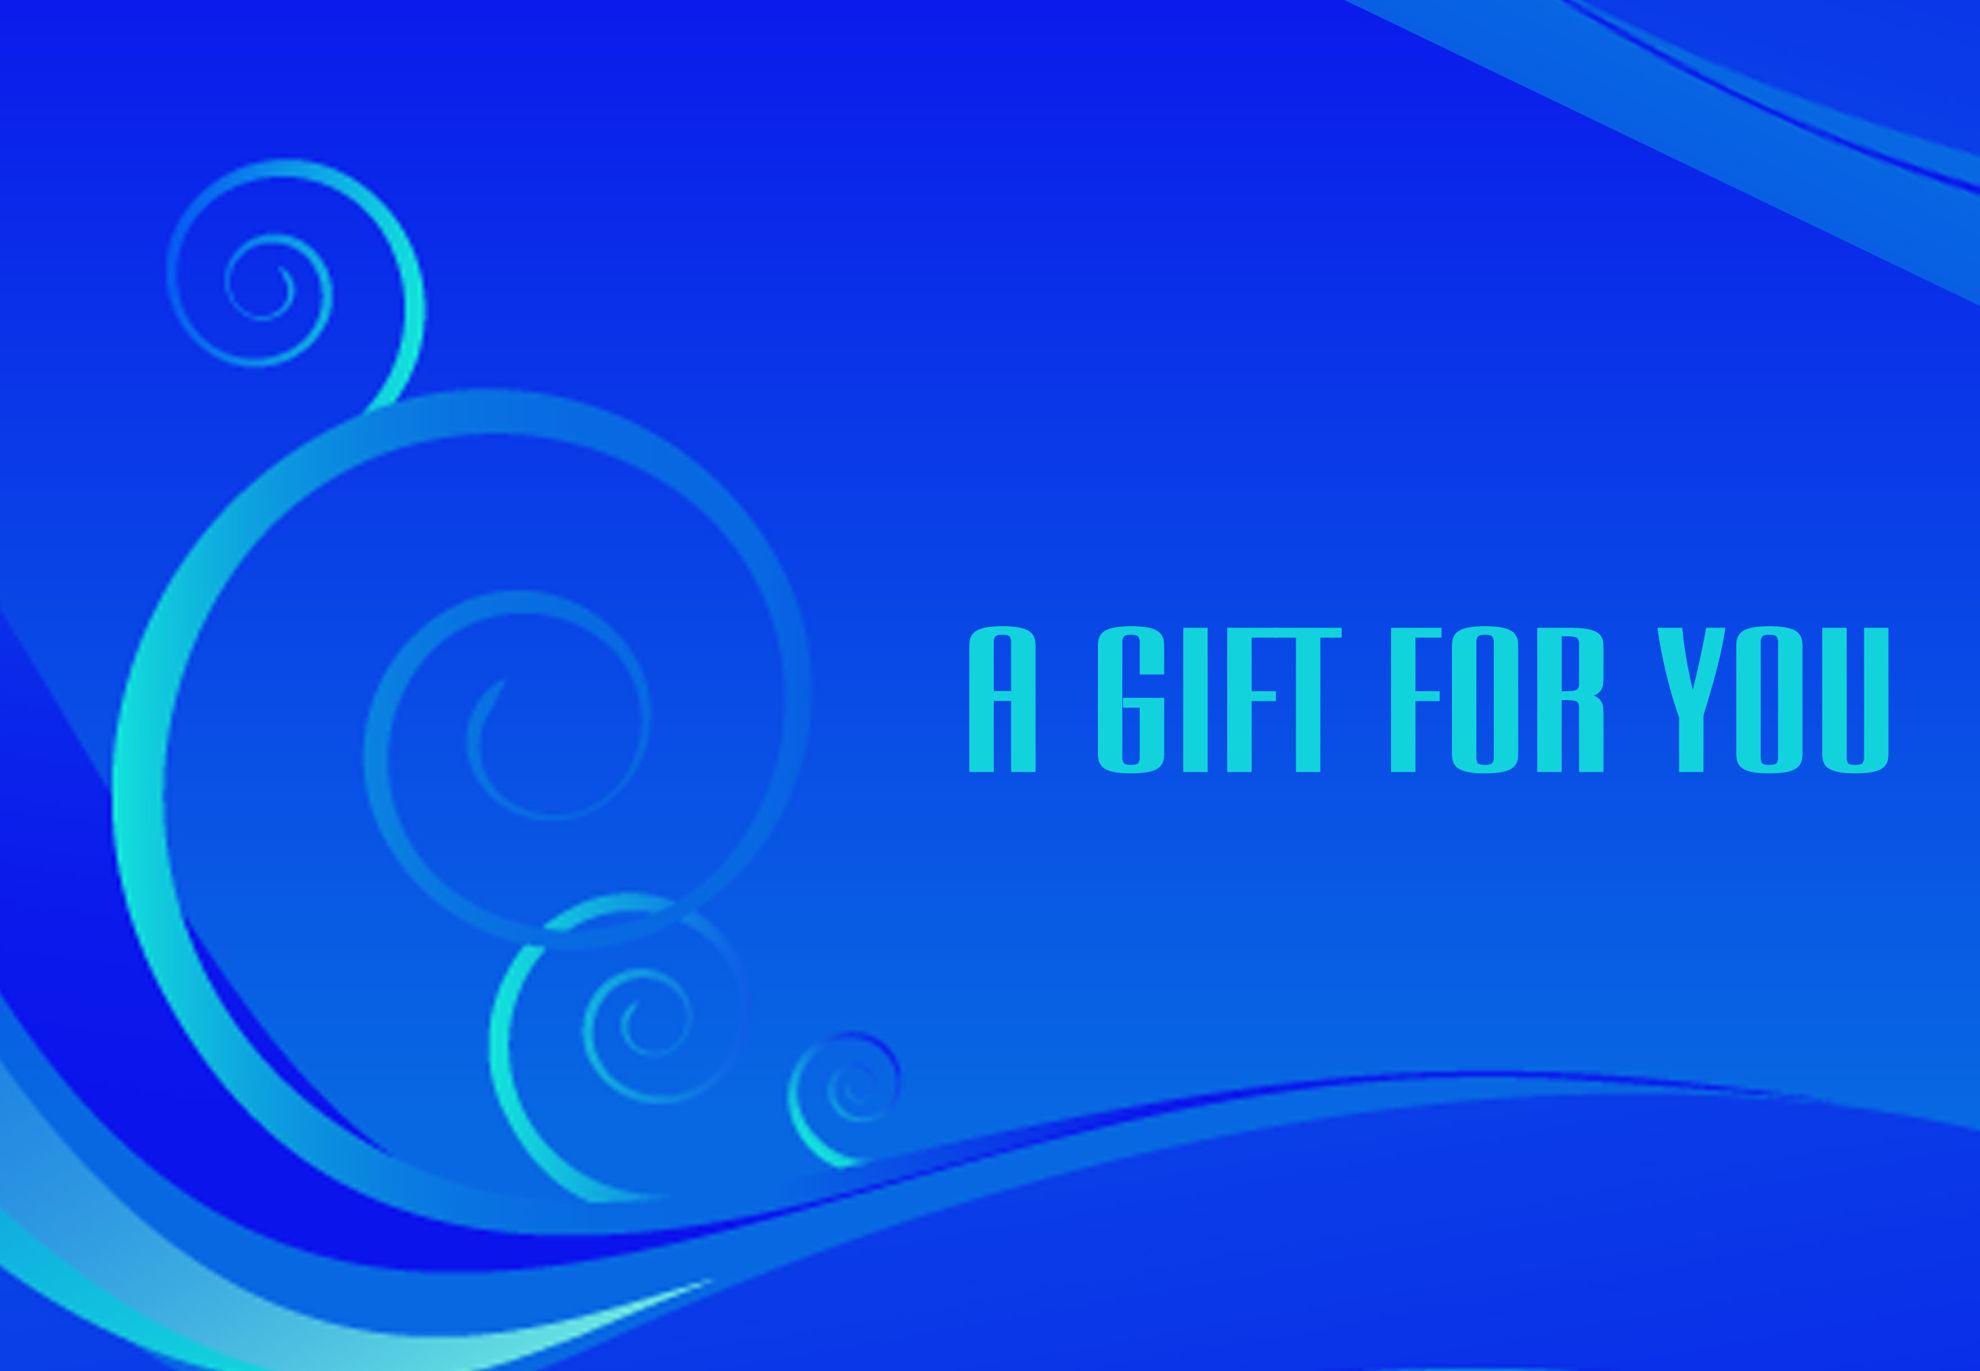 GCI-07 Gift Card Holder (Blue with swirls)